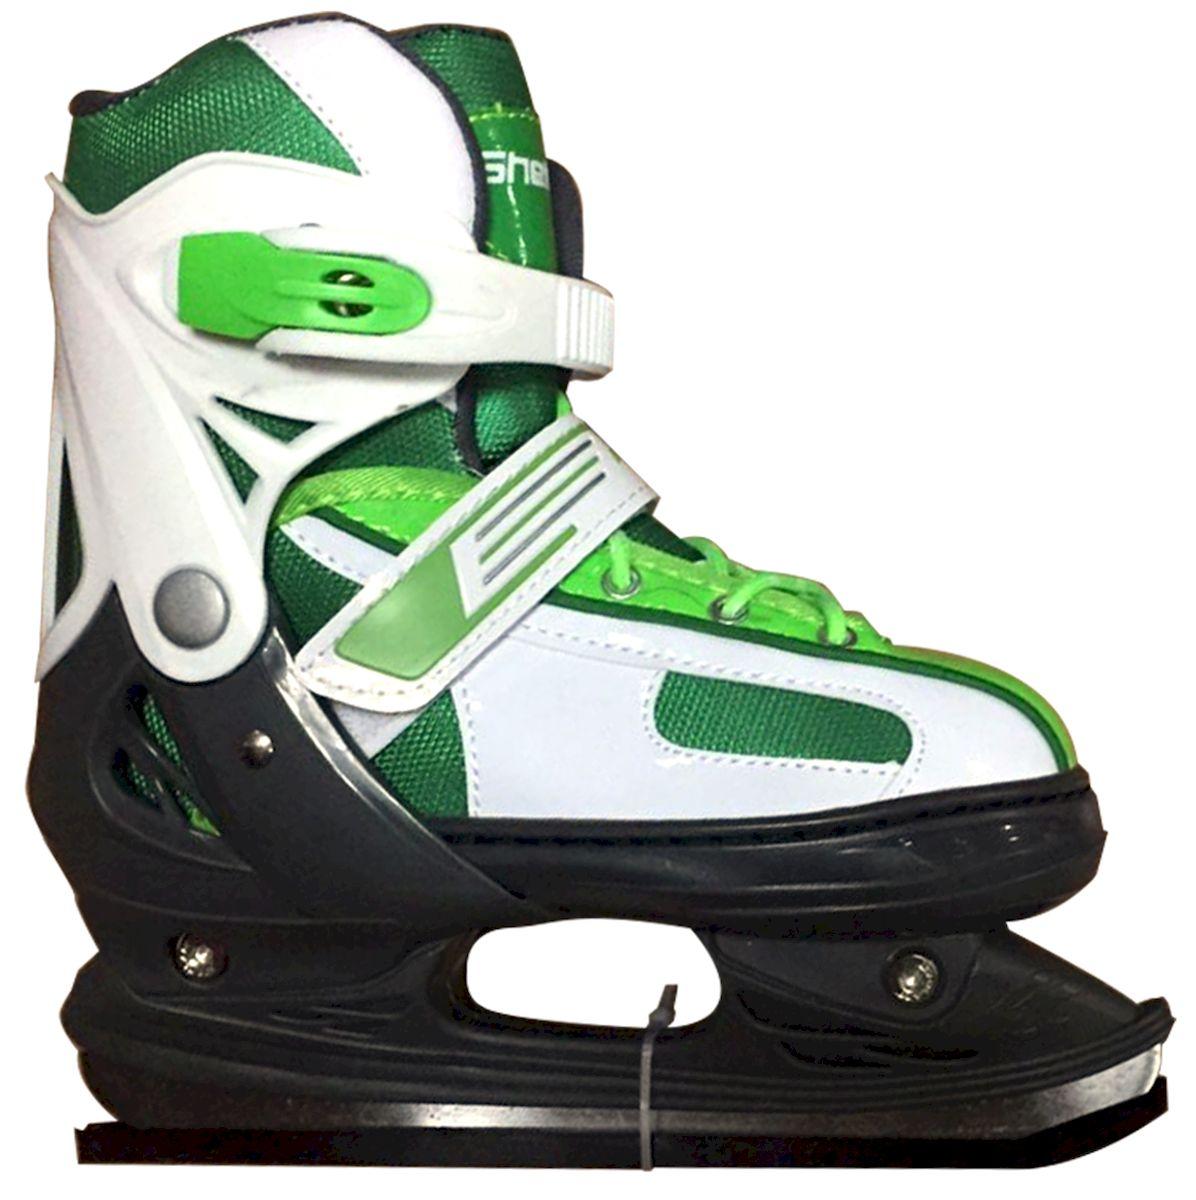 Коньки ледовые Ice Blade Shelby, раздвижные, цвет: черный, зеленый, белый. УТ-00009127. Размер XS (26/29)